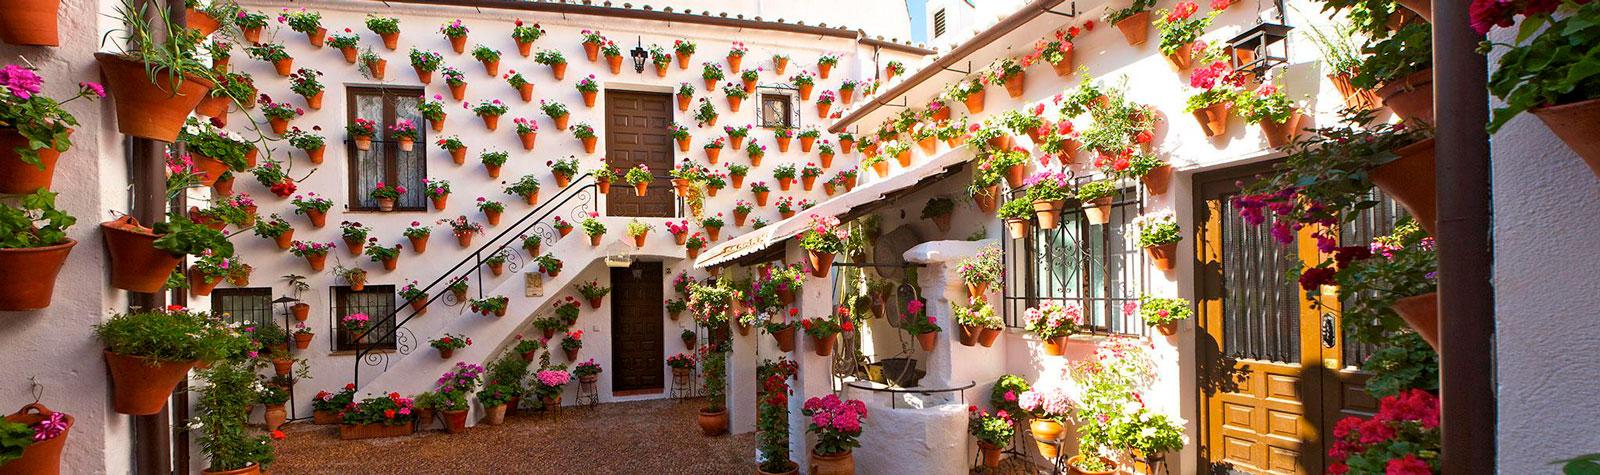 Córdoba, ciudad de flores